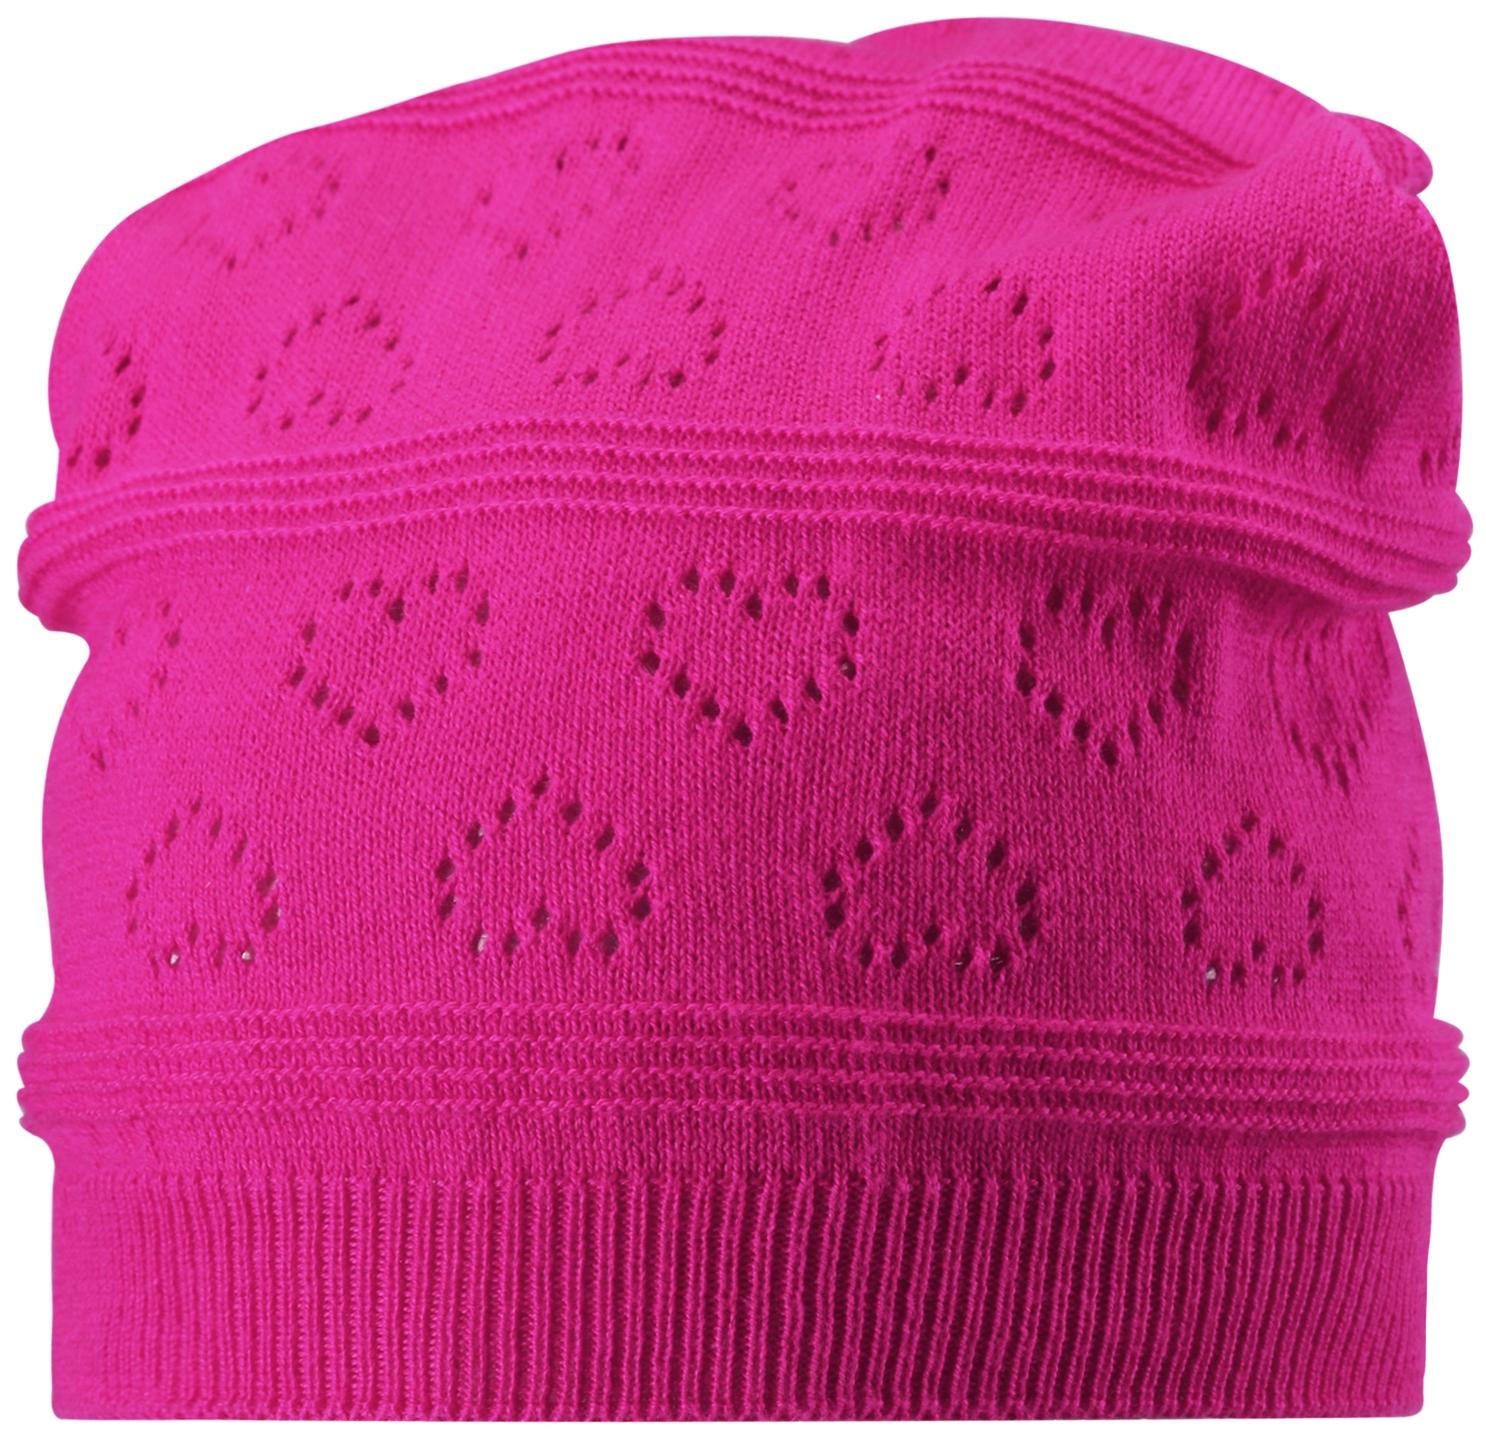 Головные уборы Reima Pumice розовый головные уборы reima aqueous розовый